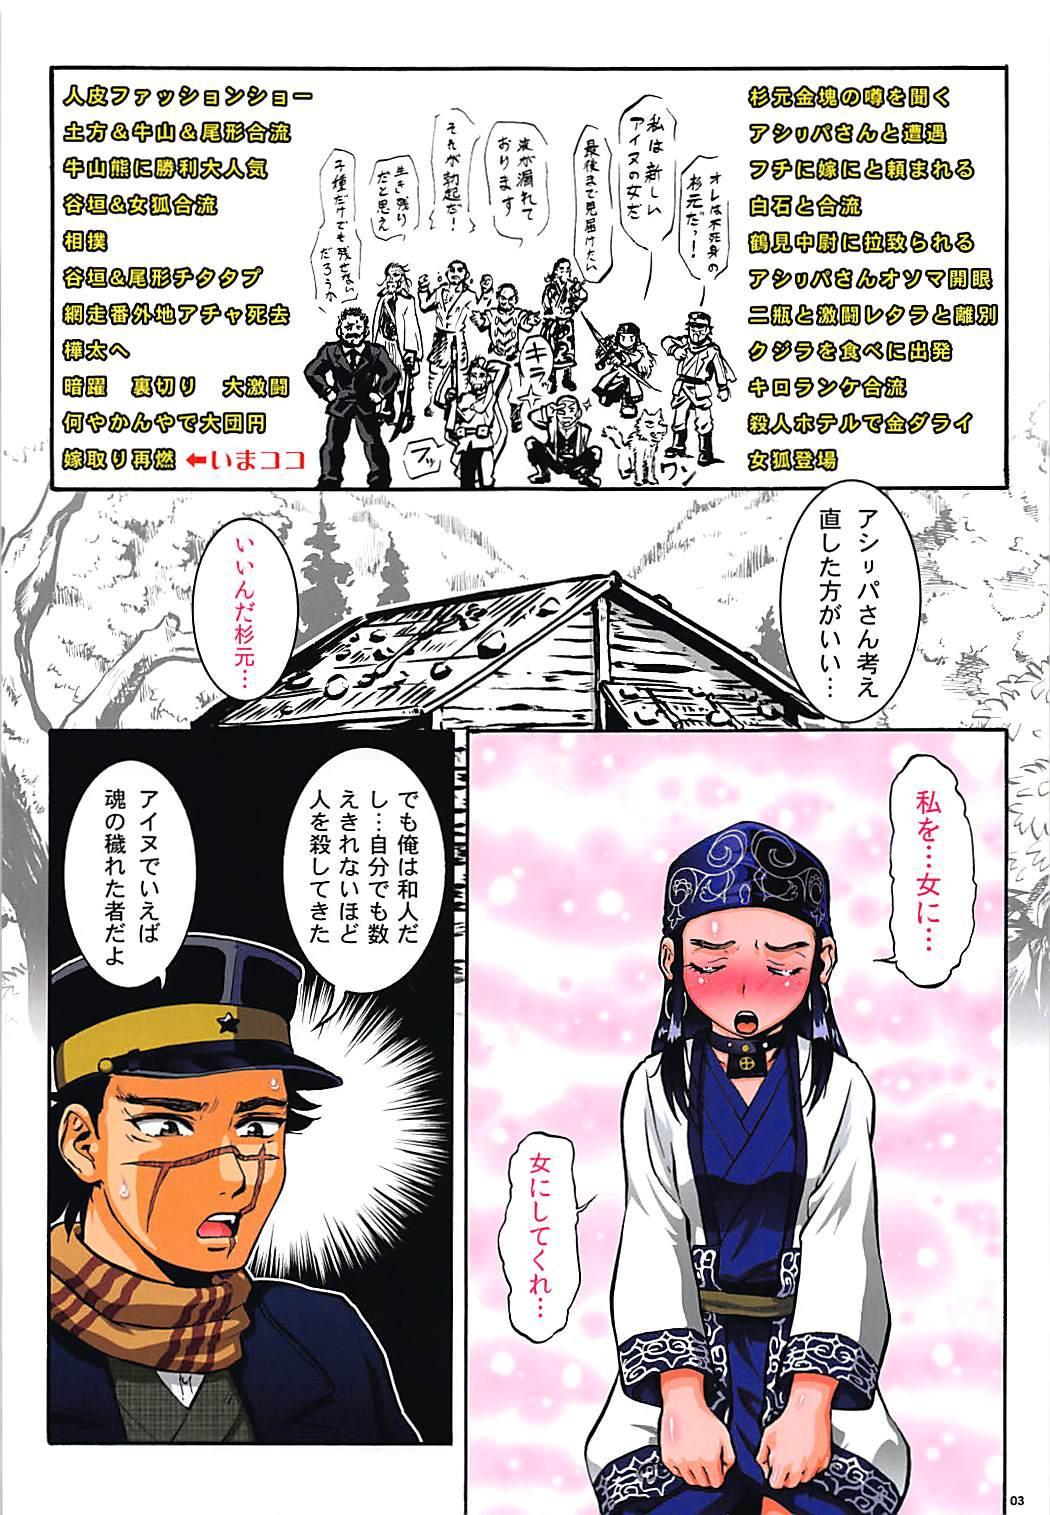 A Shiri wa. Kimochi Yosugi... Mottoo 2